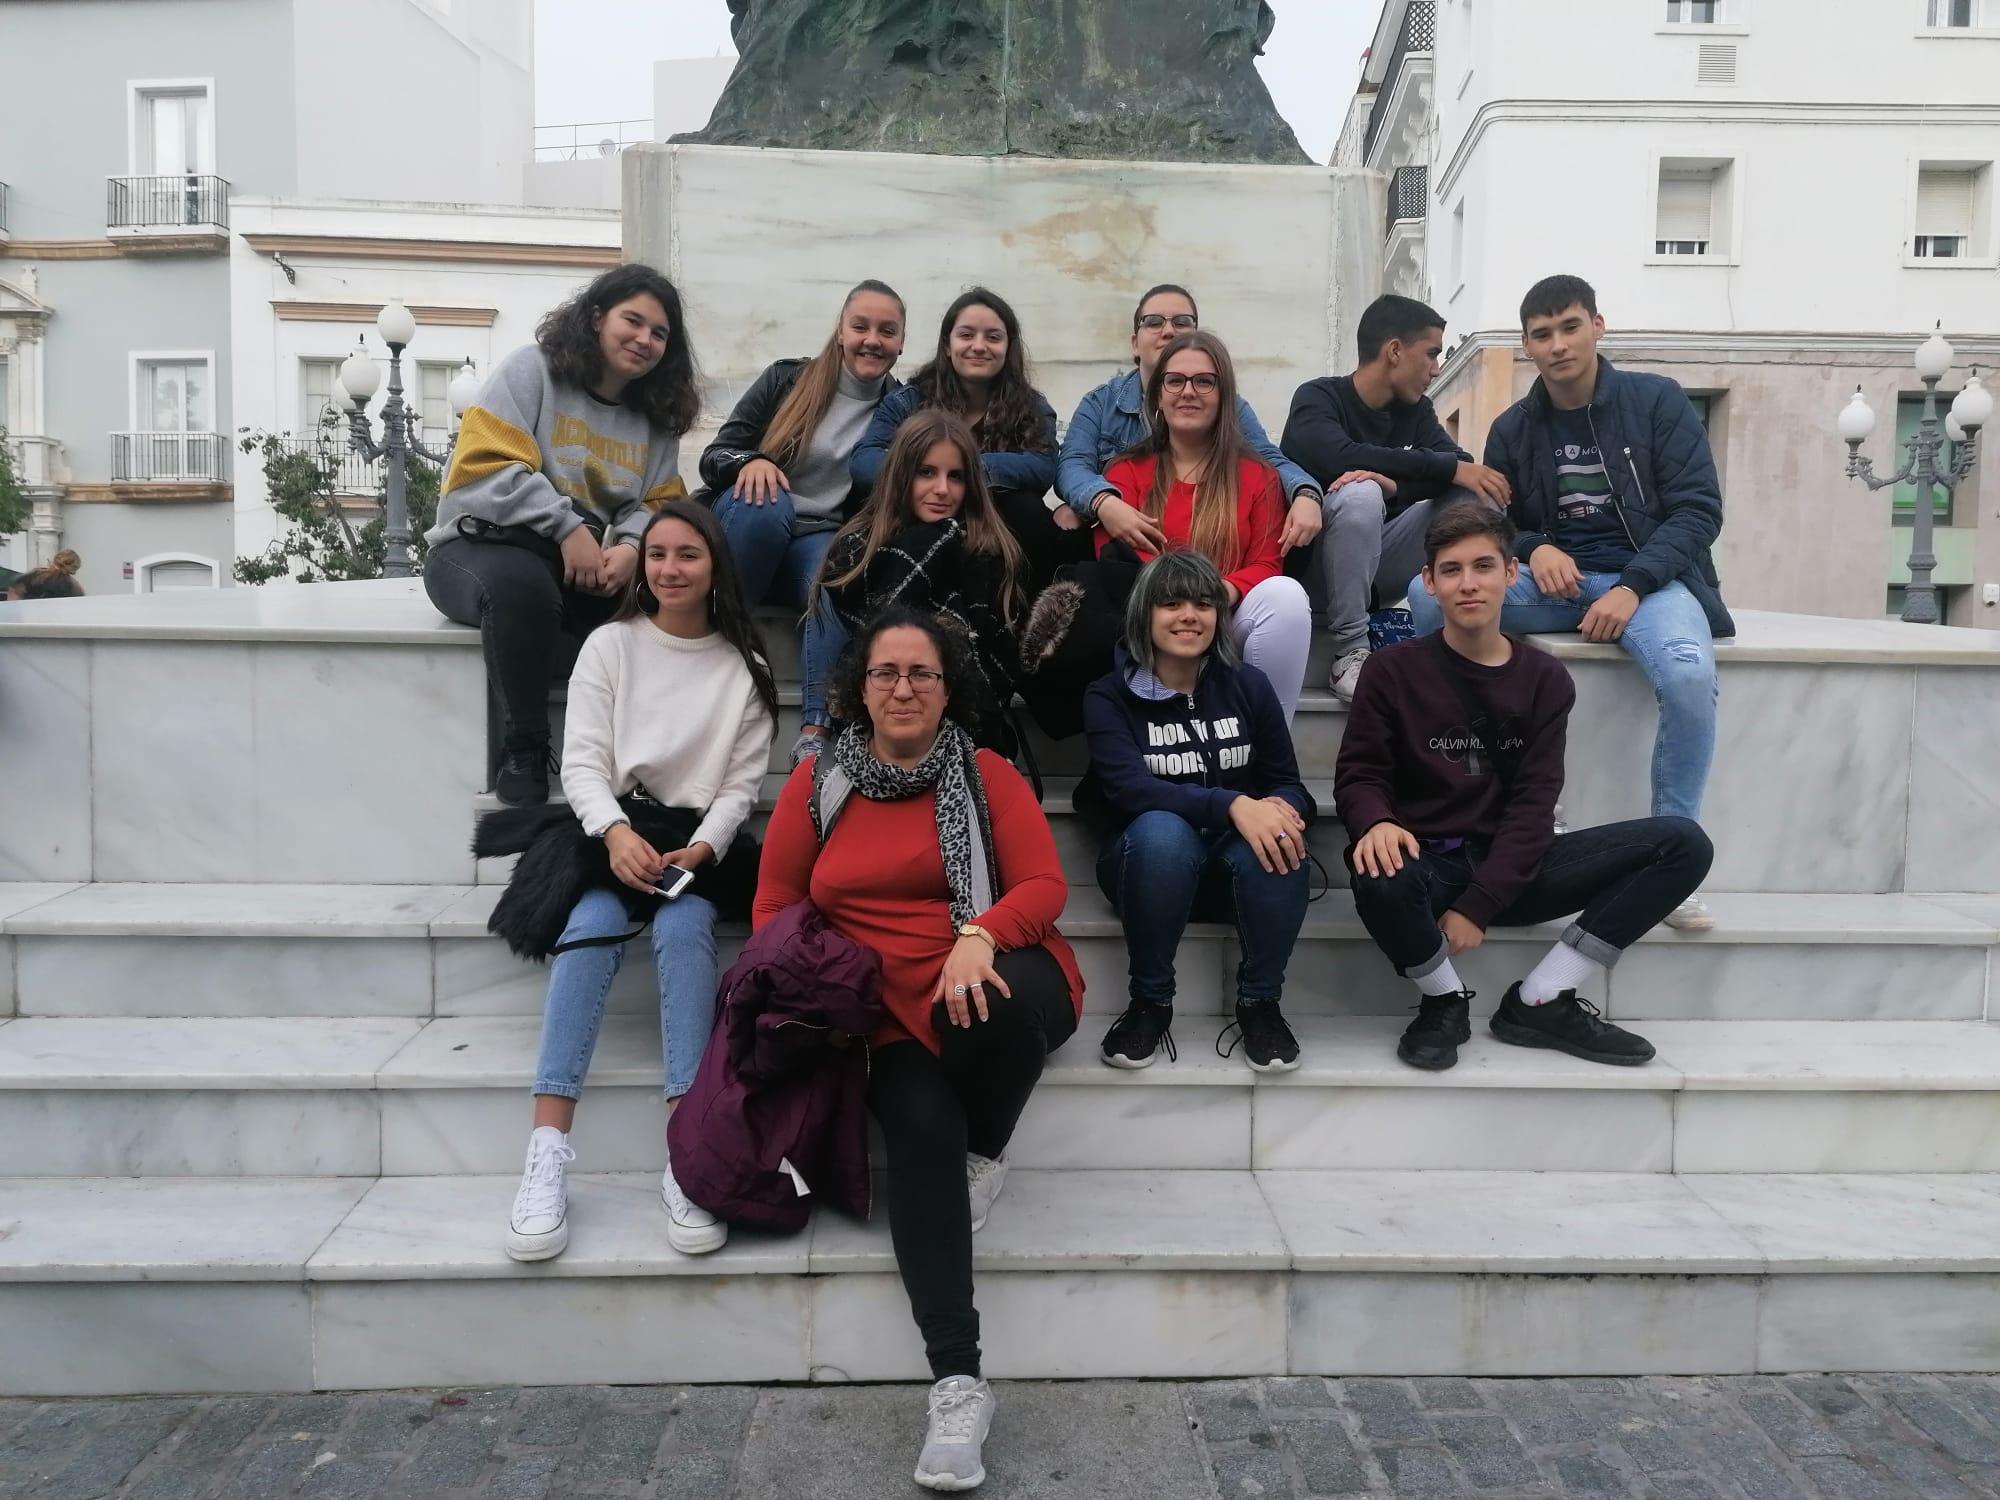 Imagen de la noticia: Visita a Cádiz [Actualizado]